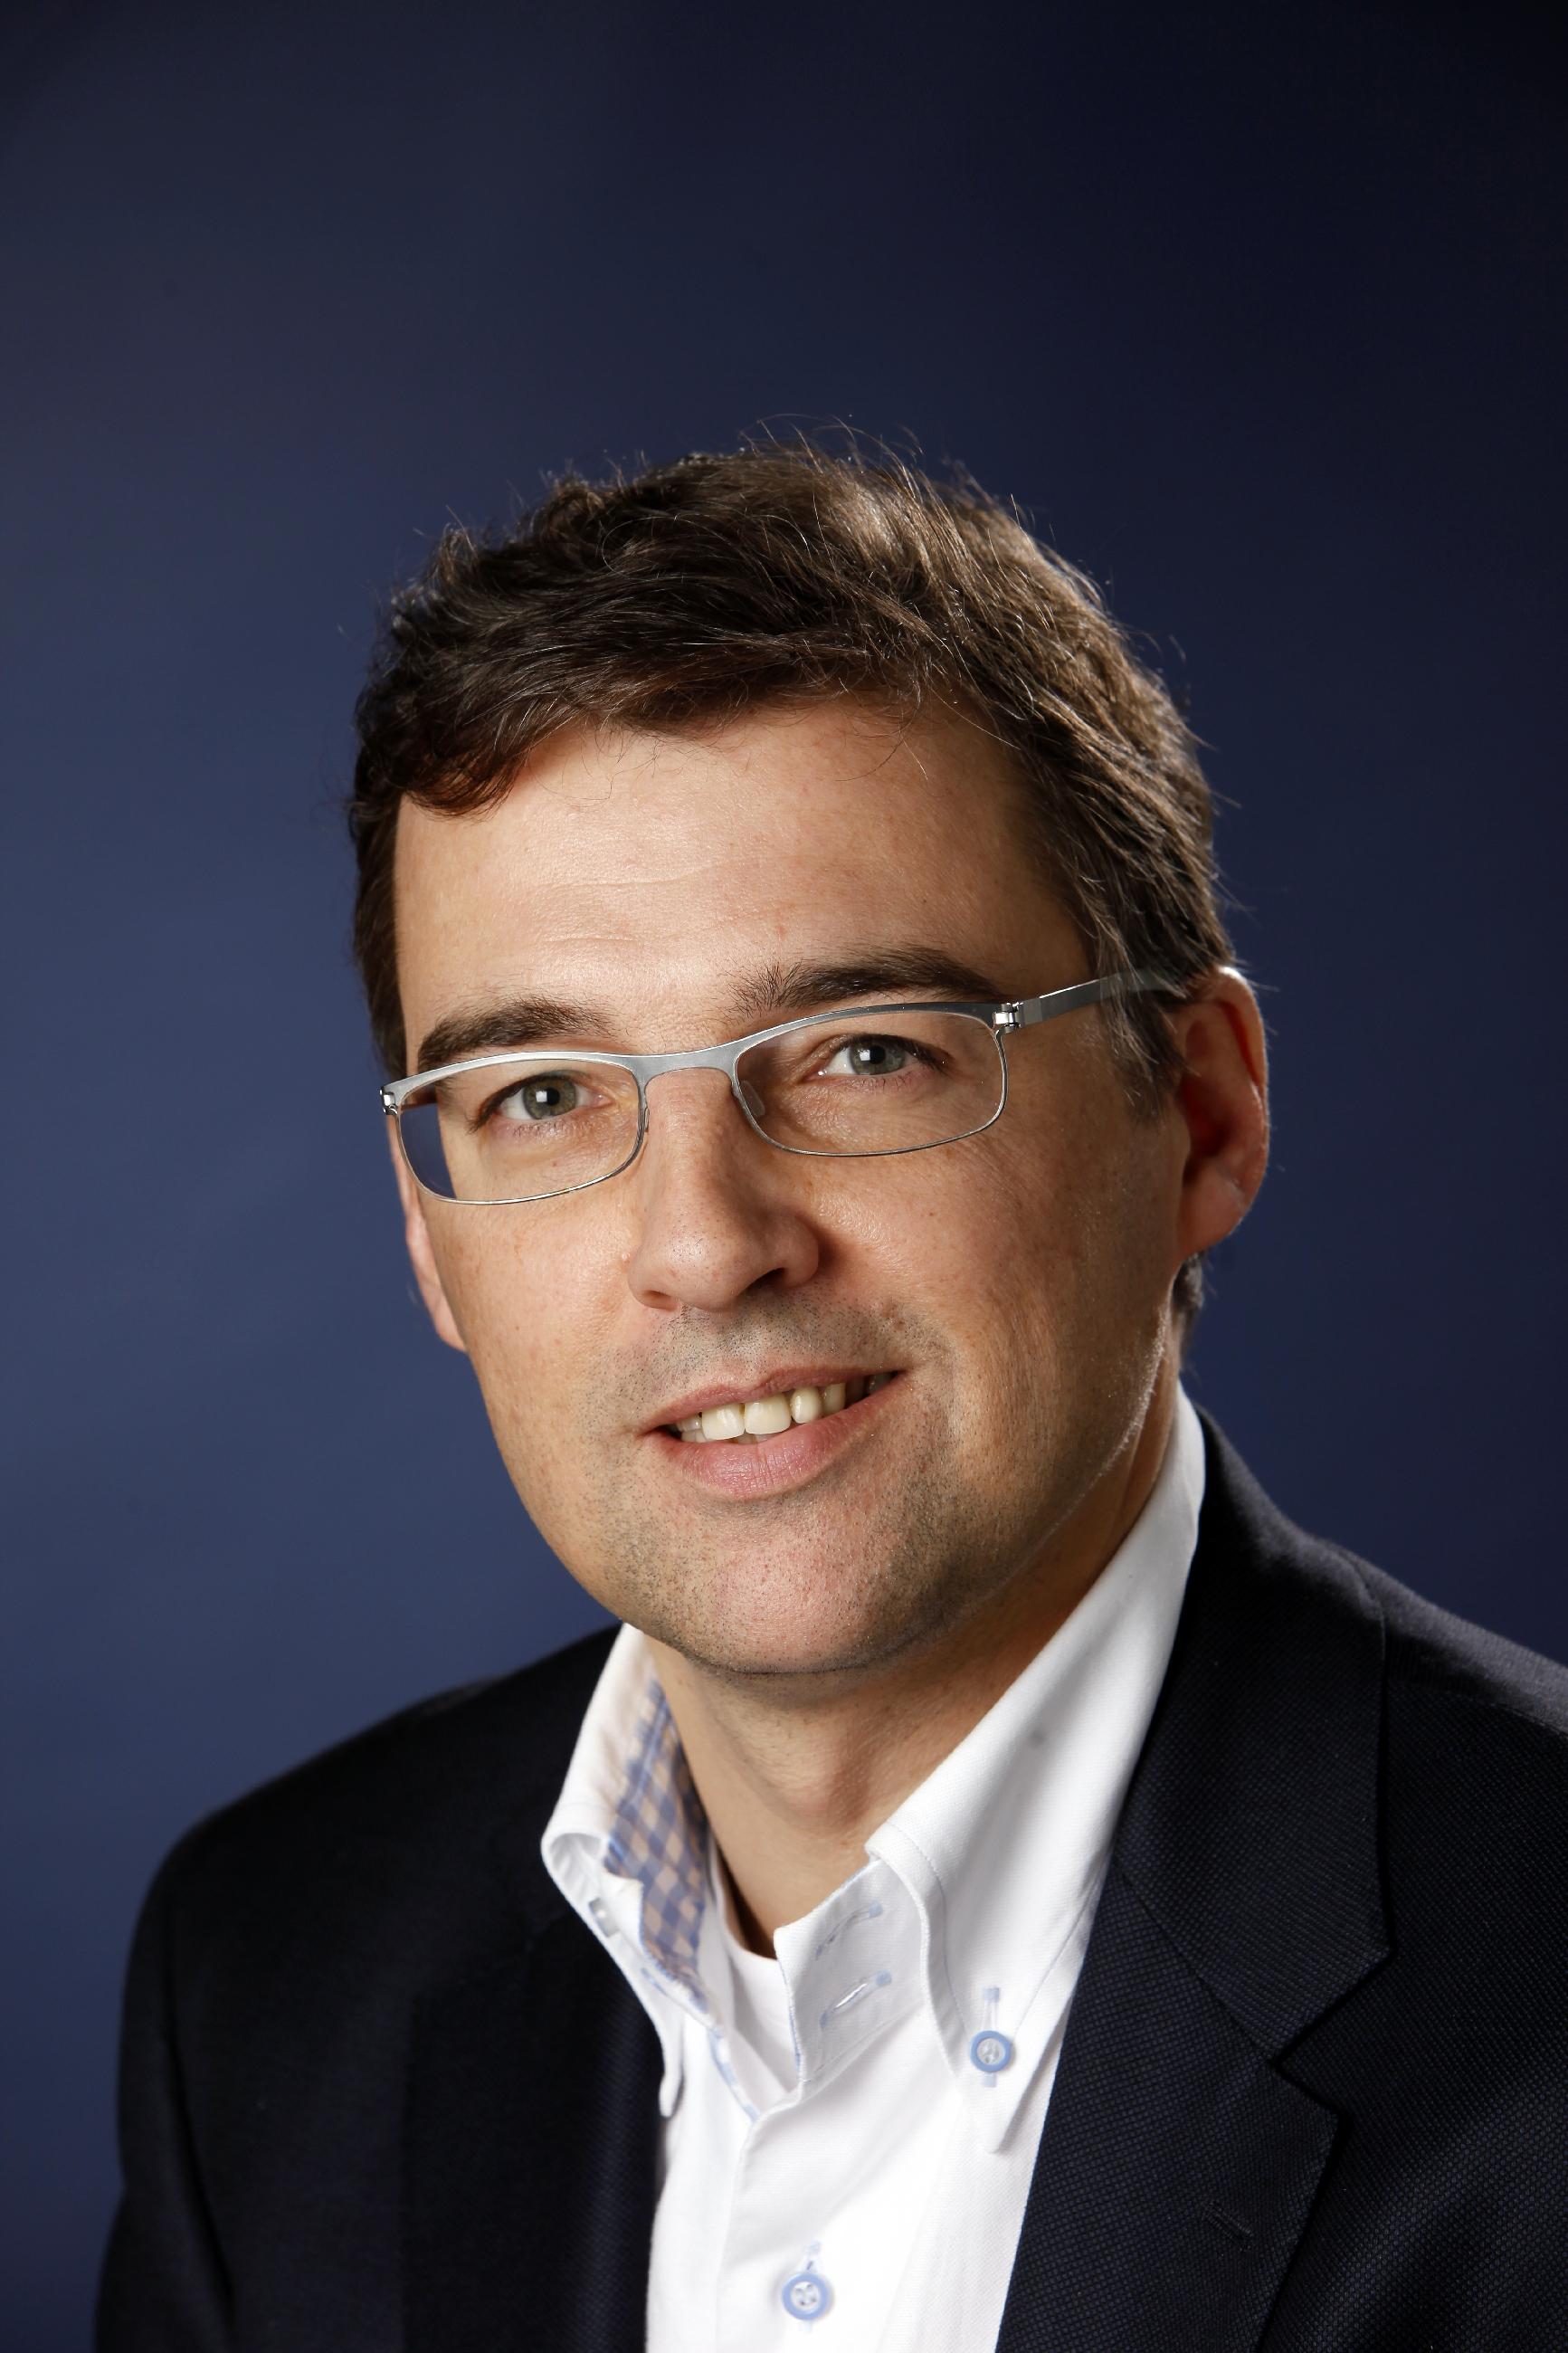 Rick Boeijen